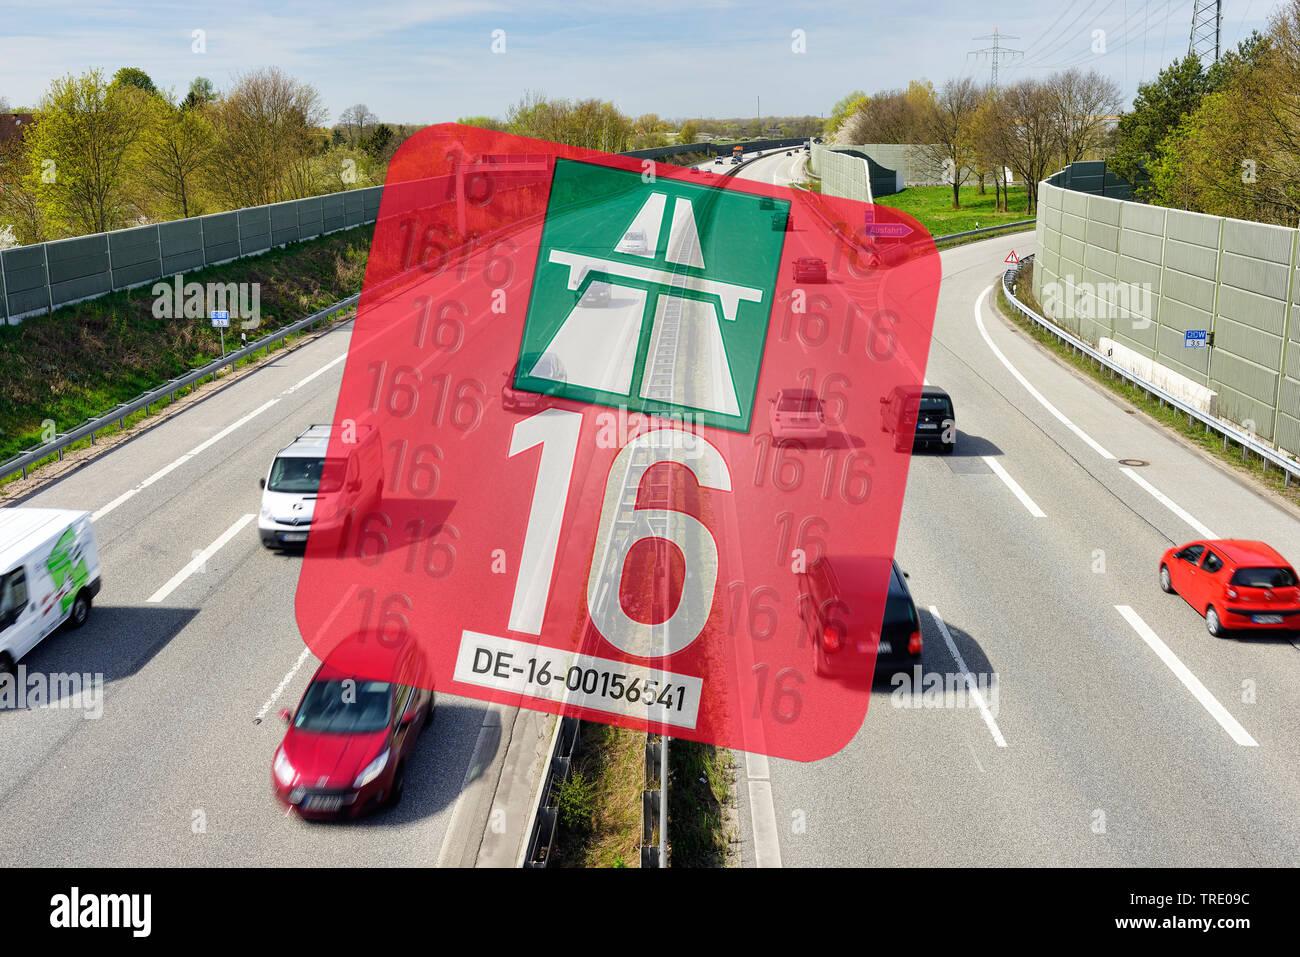 Autobahn mit PKW-Mautgebuehr, Jahresvignette 2016 im Vordergrund, Deutschland | Highway with road tax vignette for 2016 in the foreground, Germany | B - Stock Image